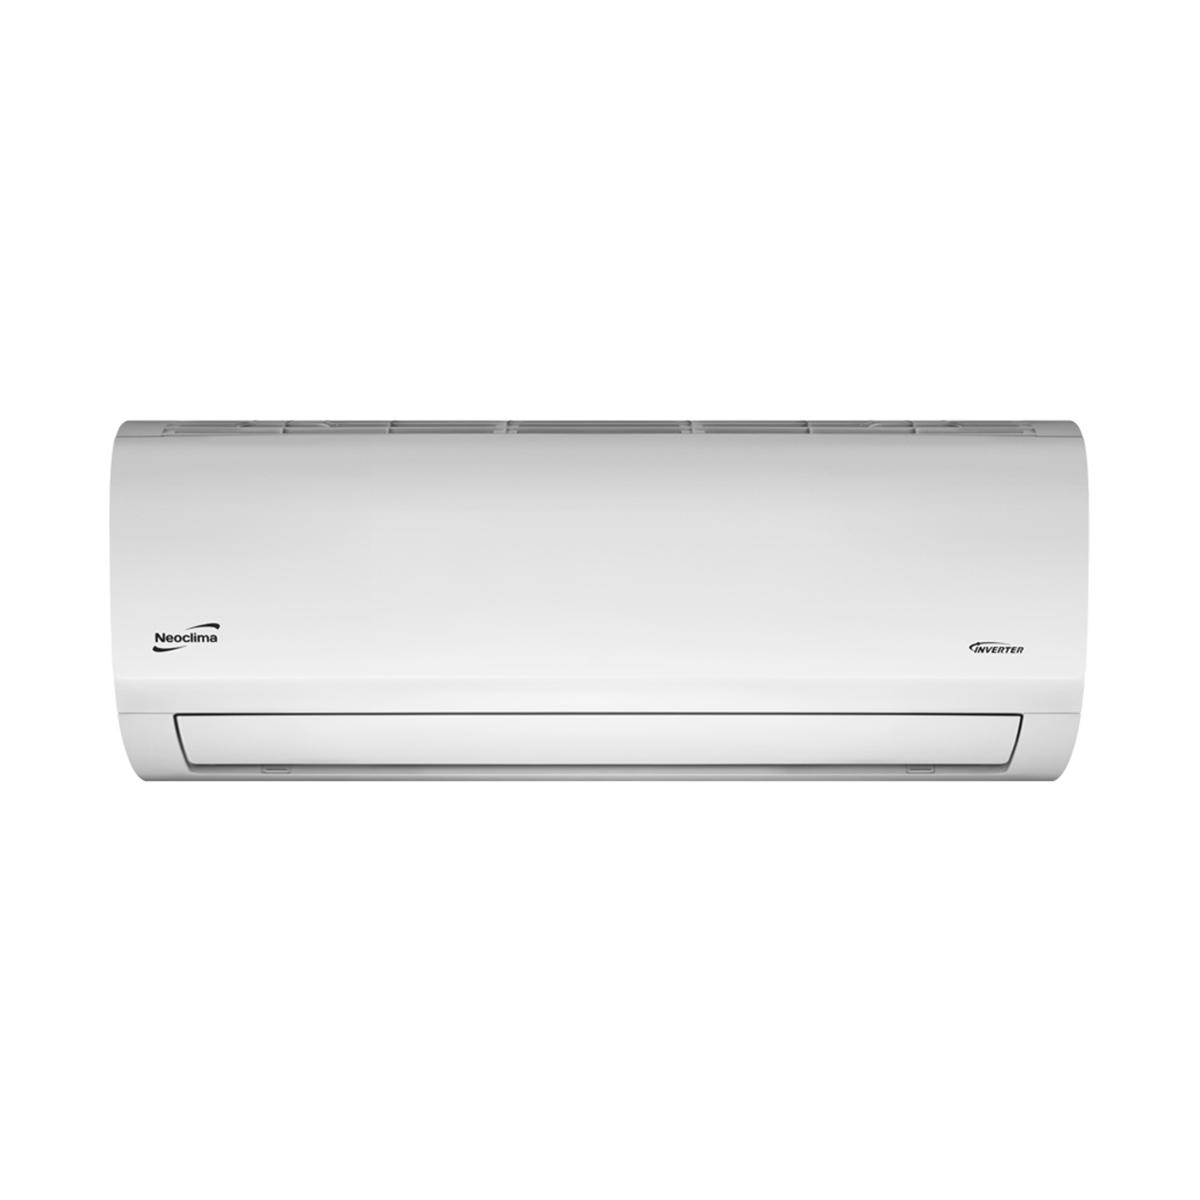 Aparat de aer conditionat Neoclima Therminator 3.2 , Clasa A+, R32, Inverter , Wi-Fi Ready 10